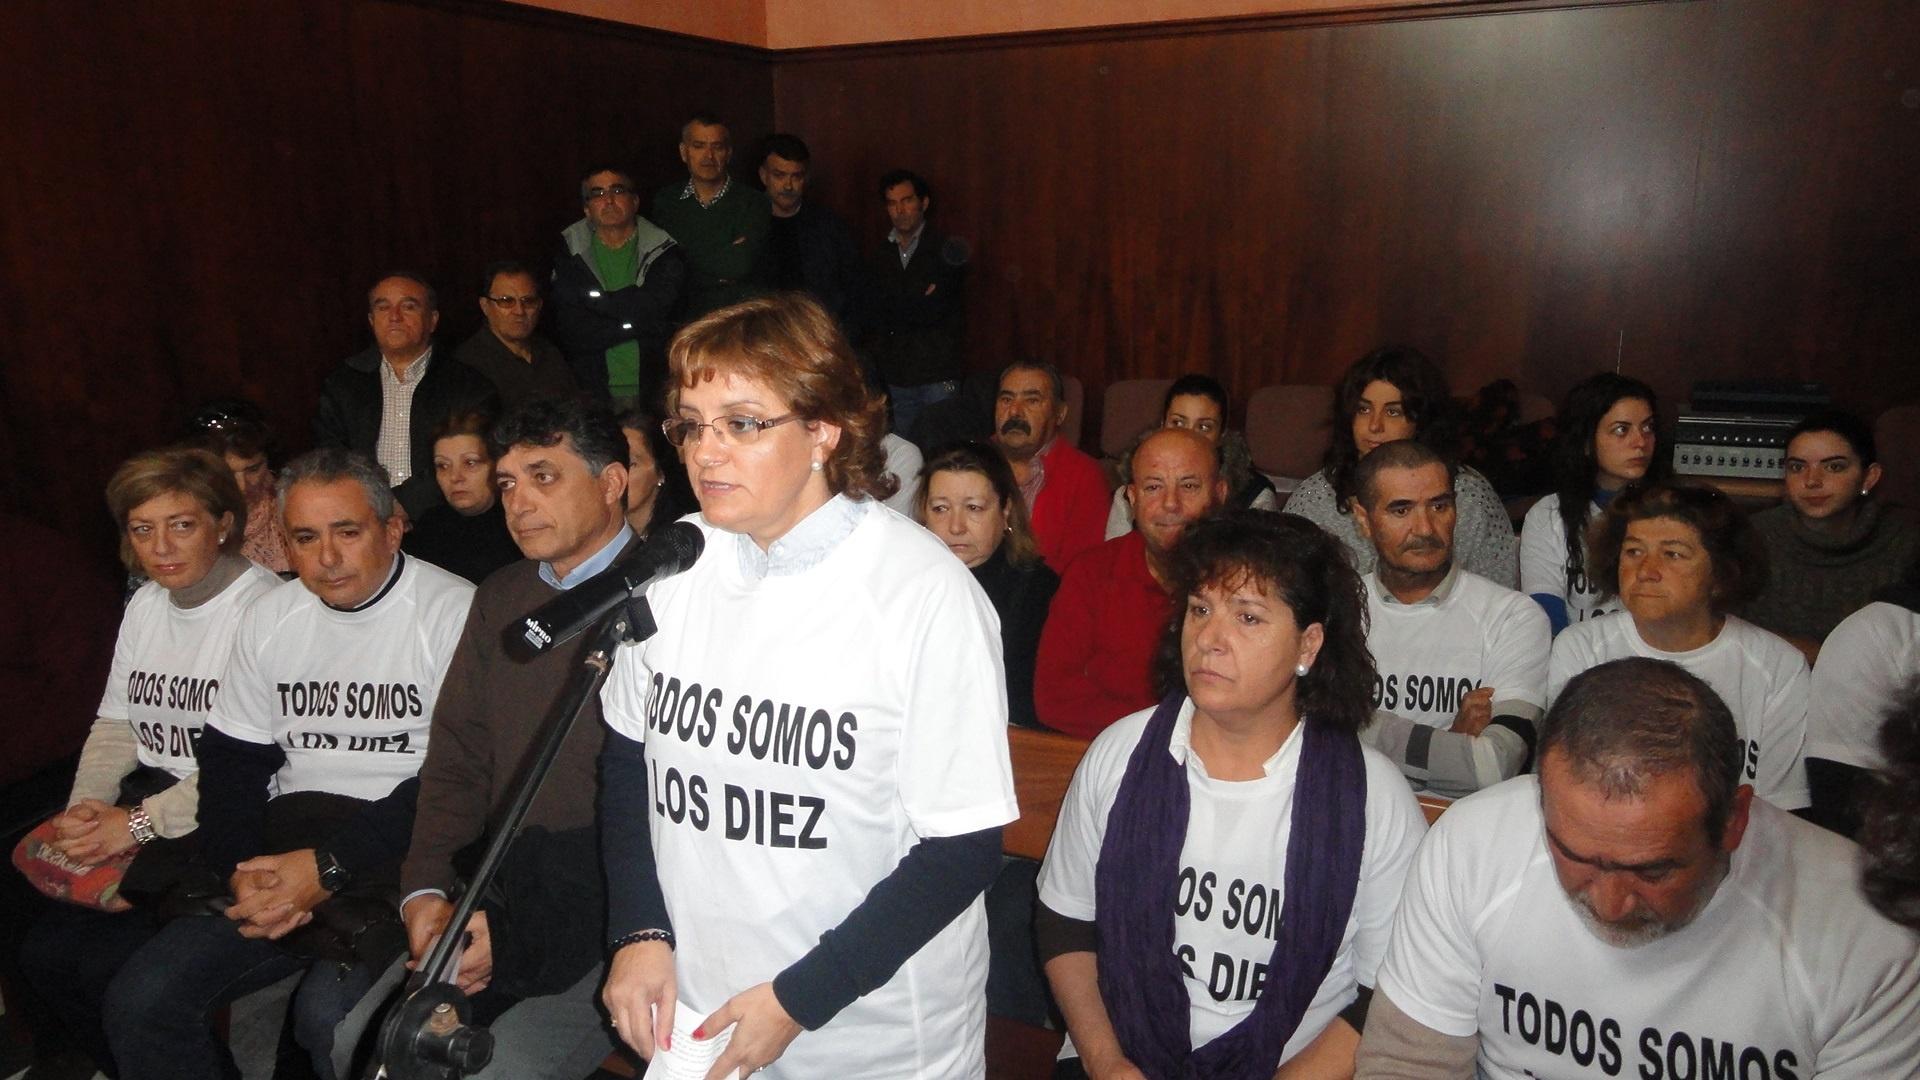 Ayuntamiento de Puerto Real (Cádiz) apoya el manifiesto de las familias de detenidos por destrozos en el puente